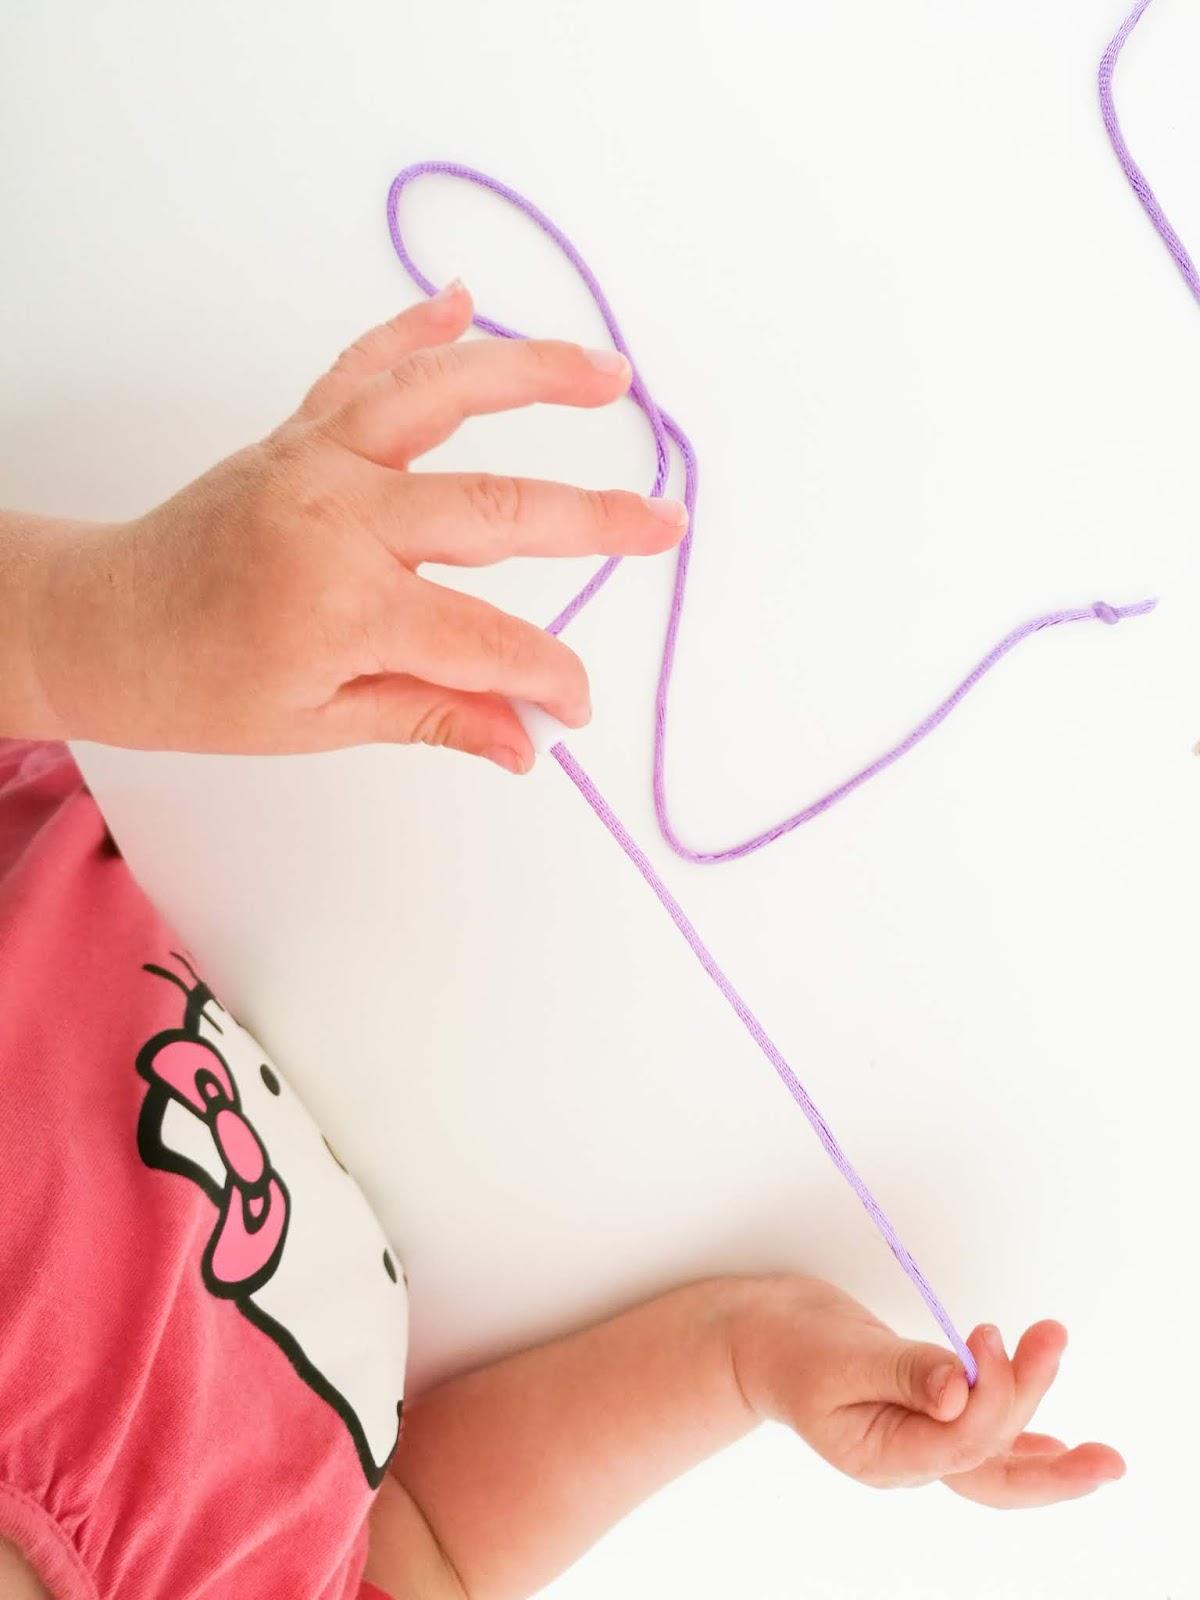 Saippuakuplia olohuoneessa -blogi, kuva Hanna Poikkilehto, taapero, kaksivuotias,koru, kaulakoru, koruaskartelu, lapsi, äiti, Diy, Blogisisaret, lifestyle, kirpputori,